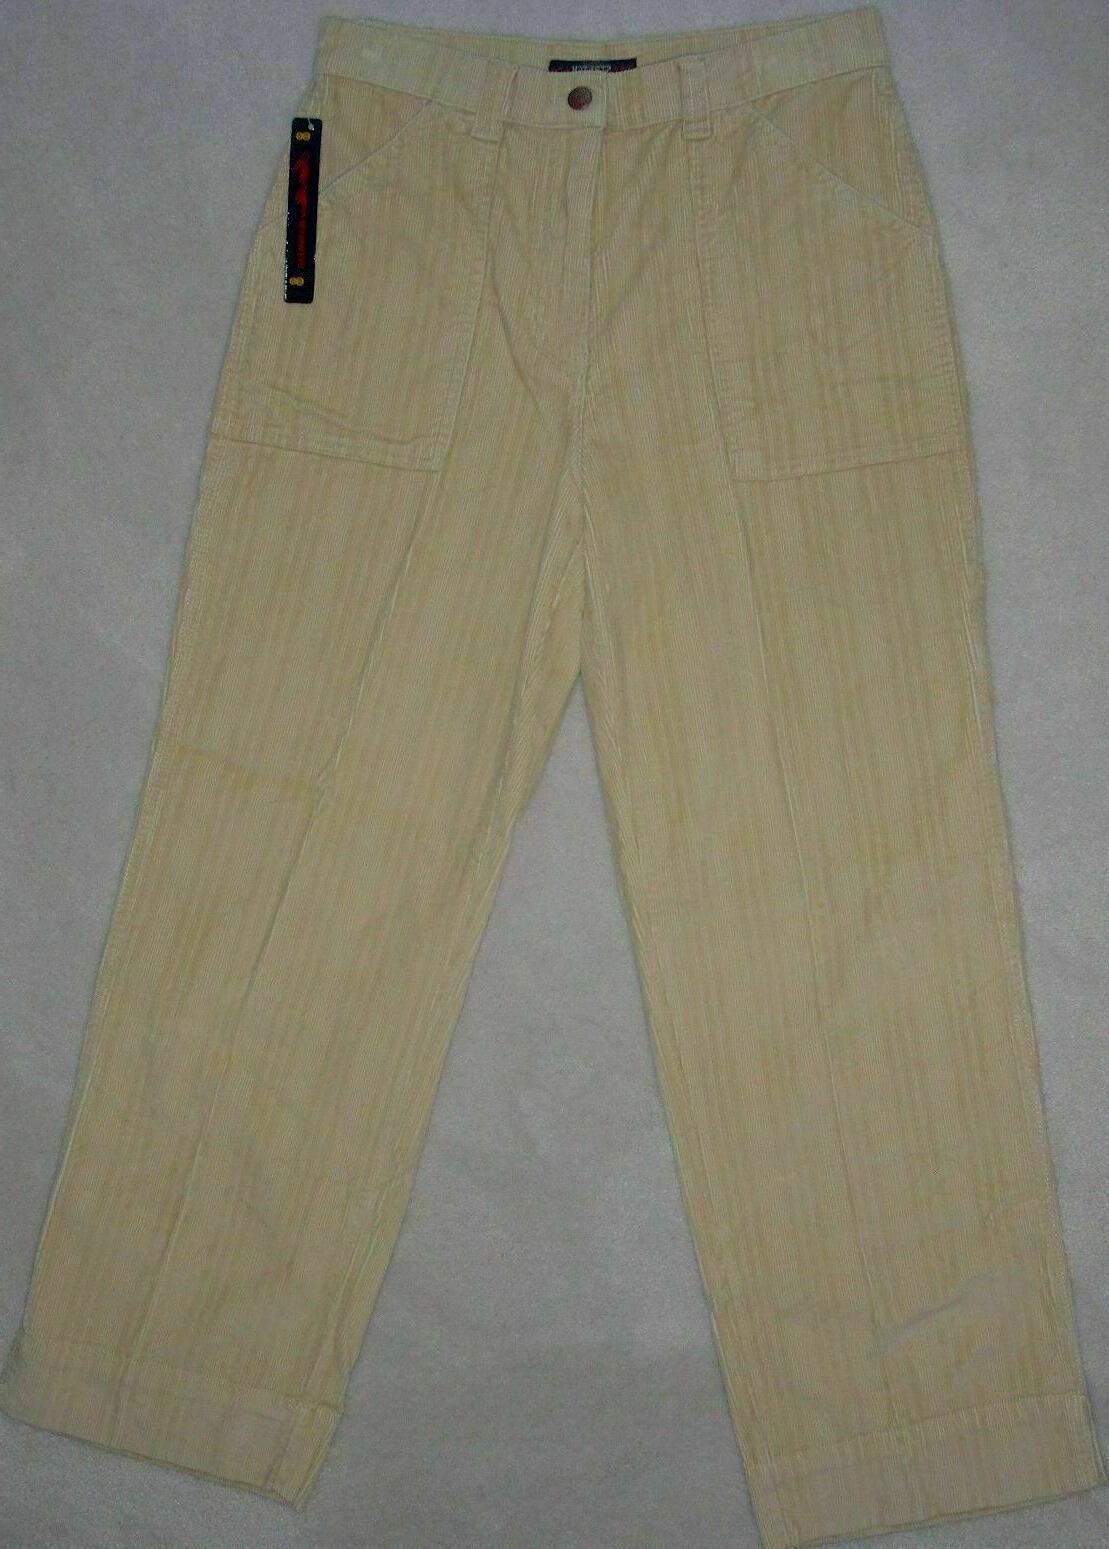 nwt womens beige stretch corduroy pants cargo